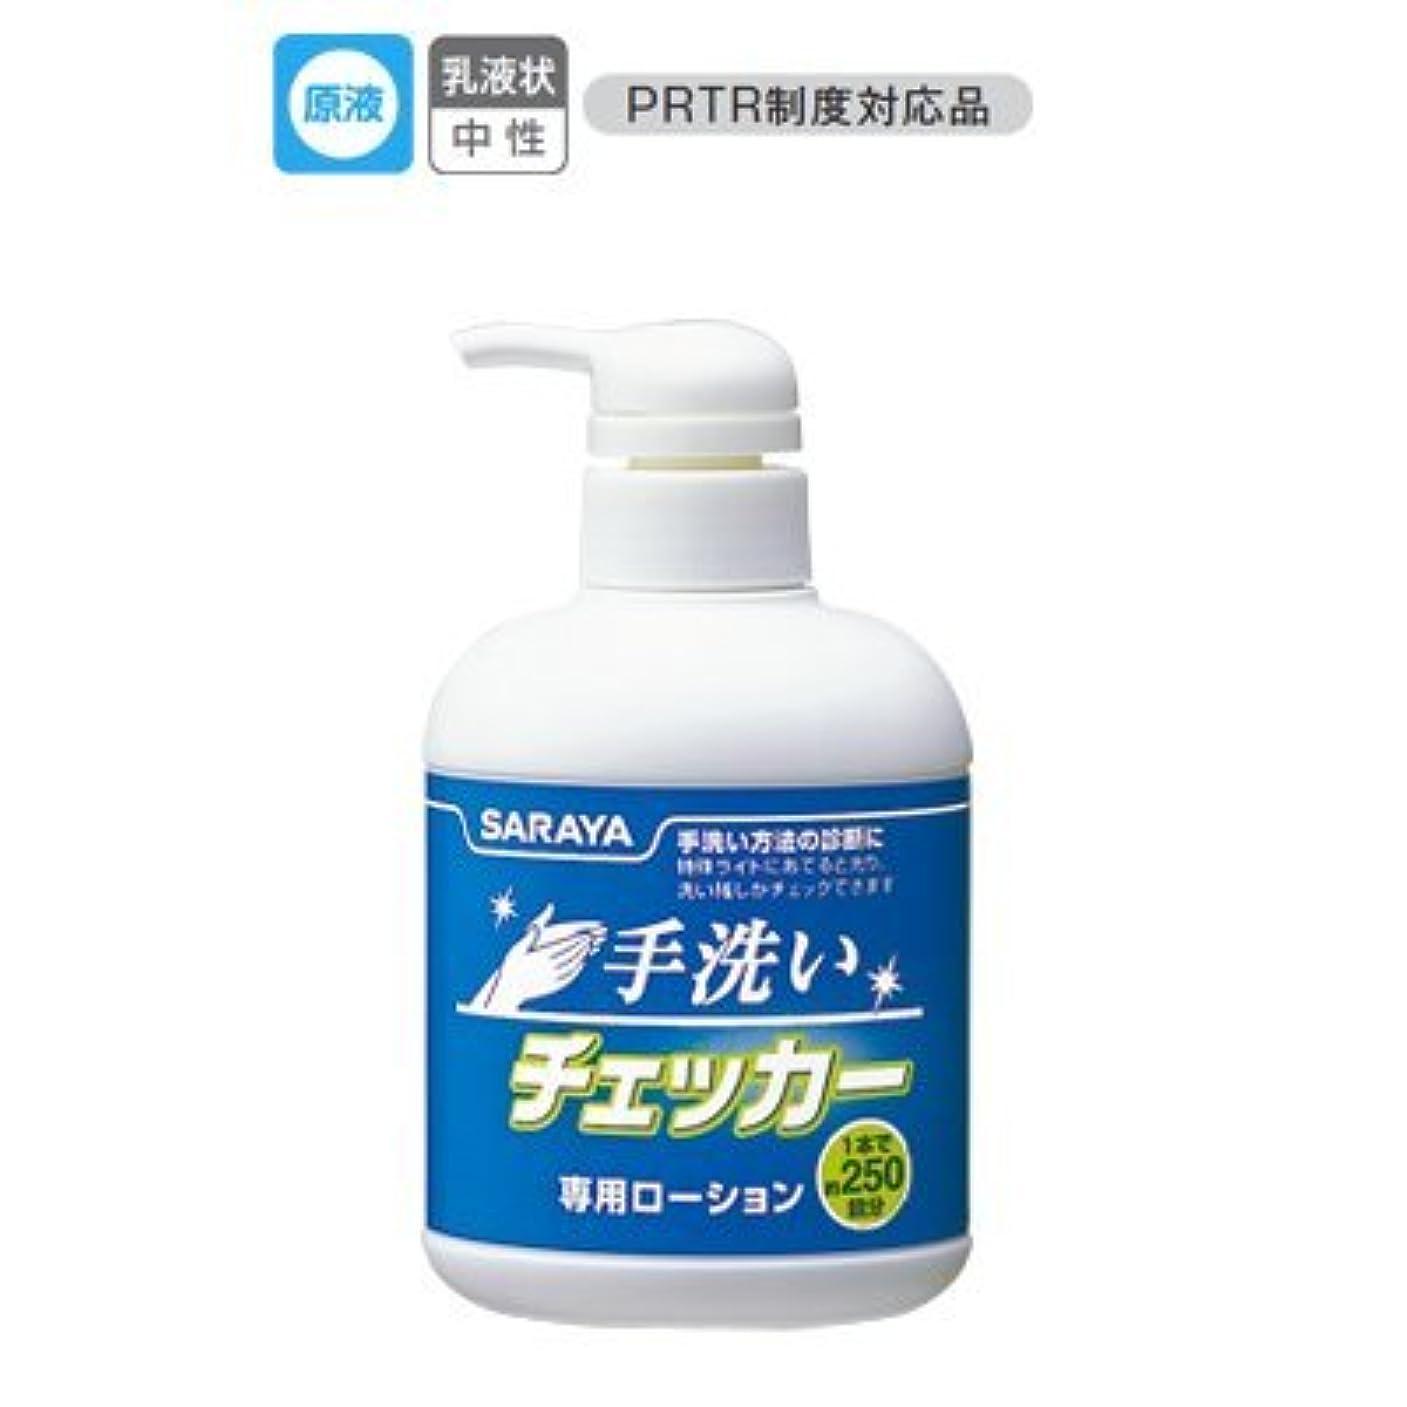 弾薬生カテゴリーサラヤ 手洗いチェッカー 専用ローション 250mL【清潔キレイ館】